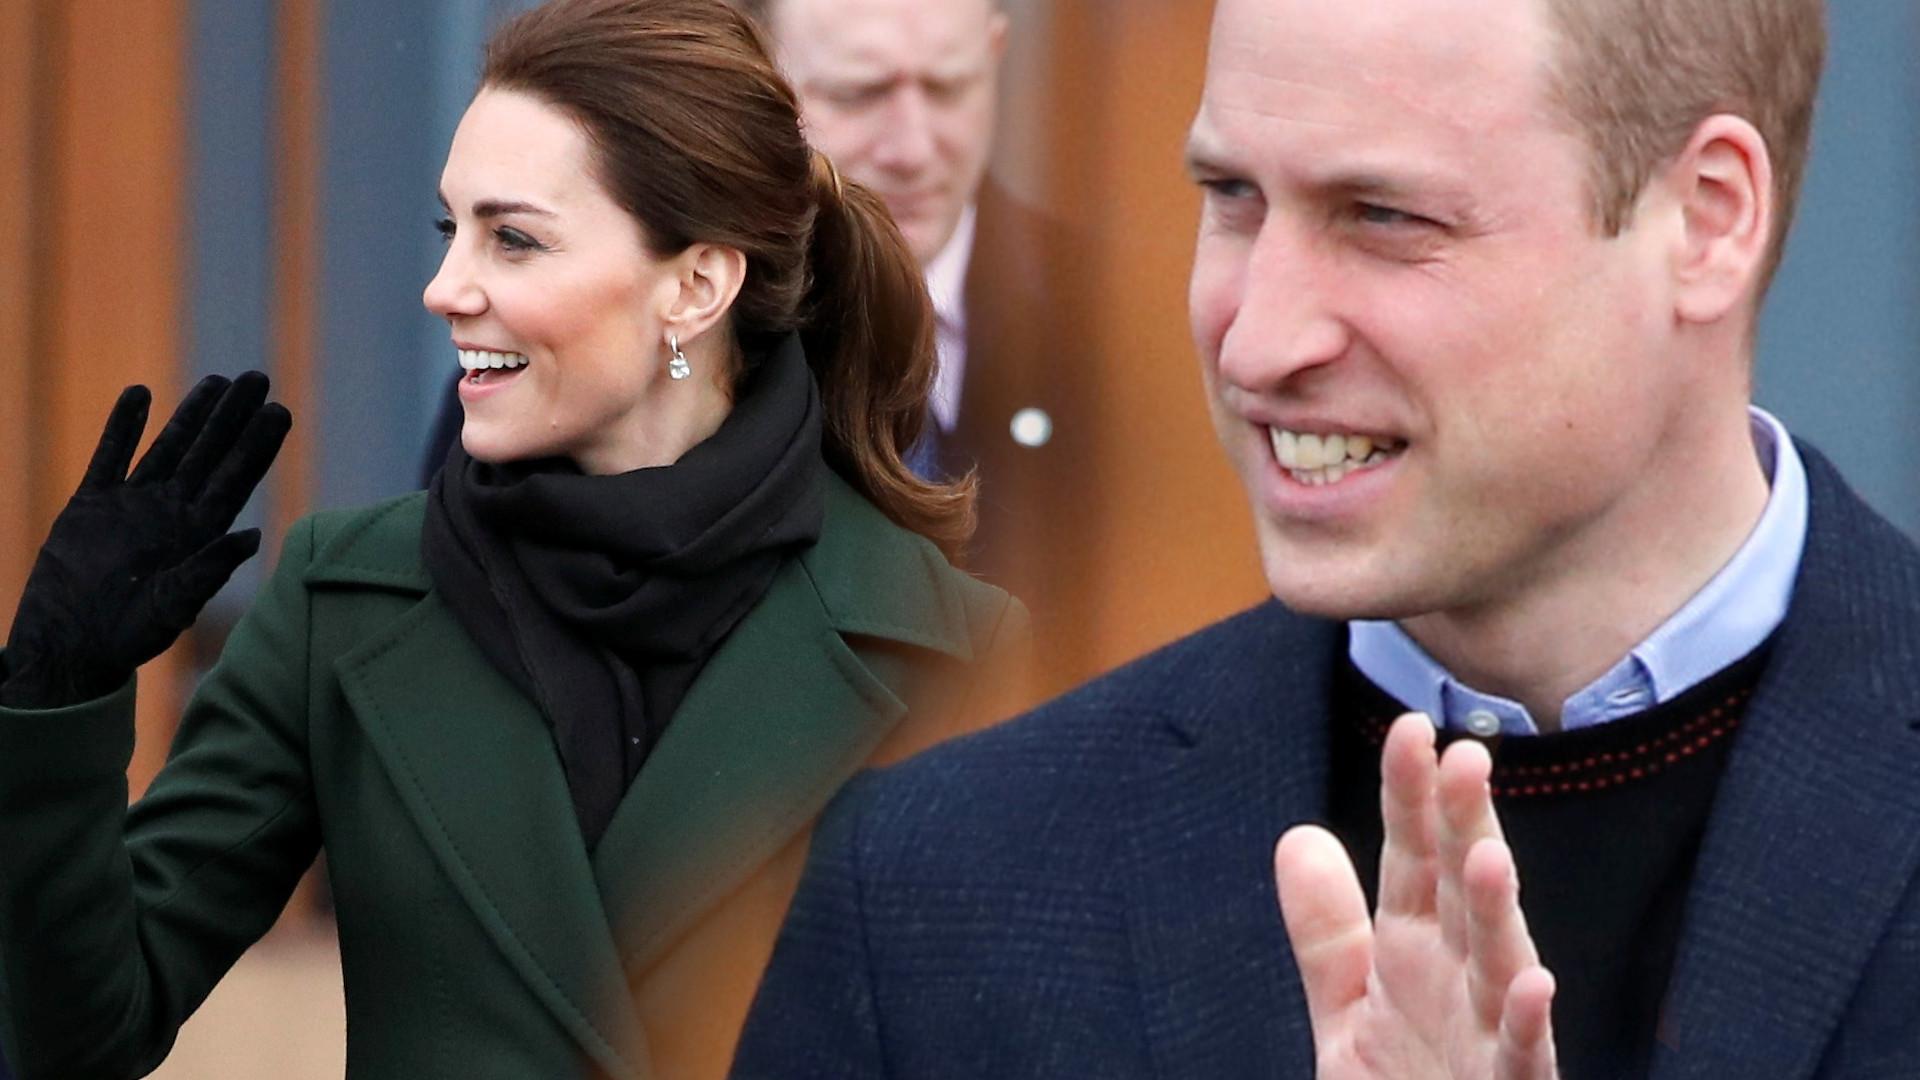 Dla księcia Williama robienie kucyka to KOSZMAR. Zdradził, gdzie się nauczył spinać włosy